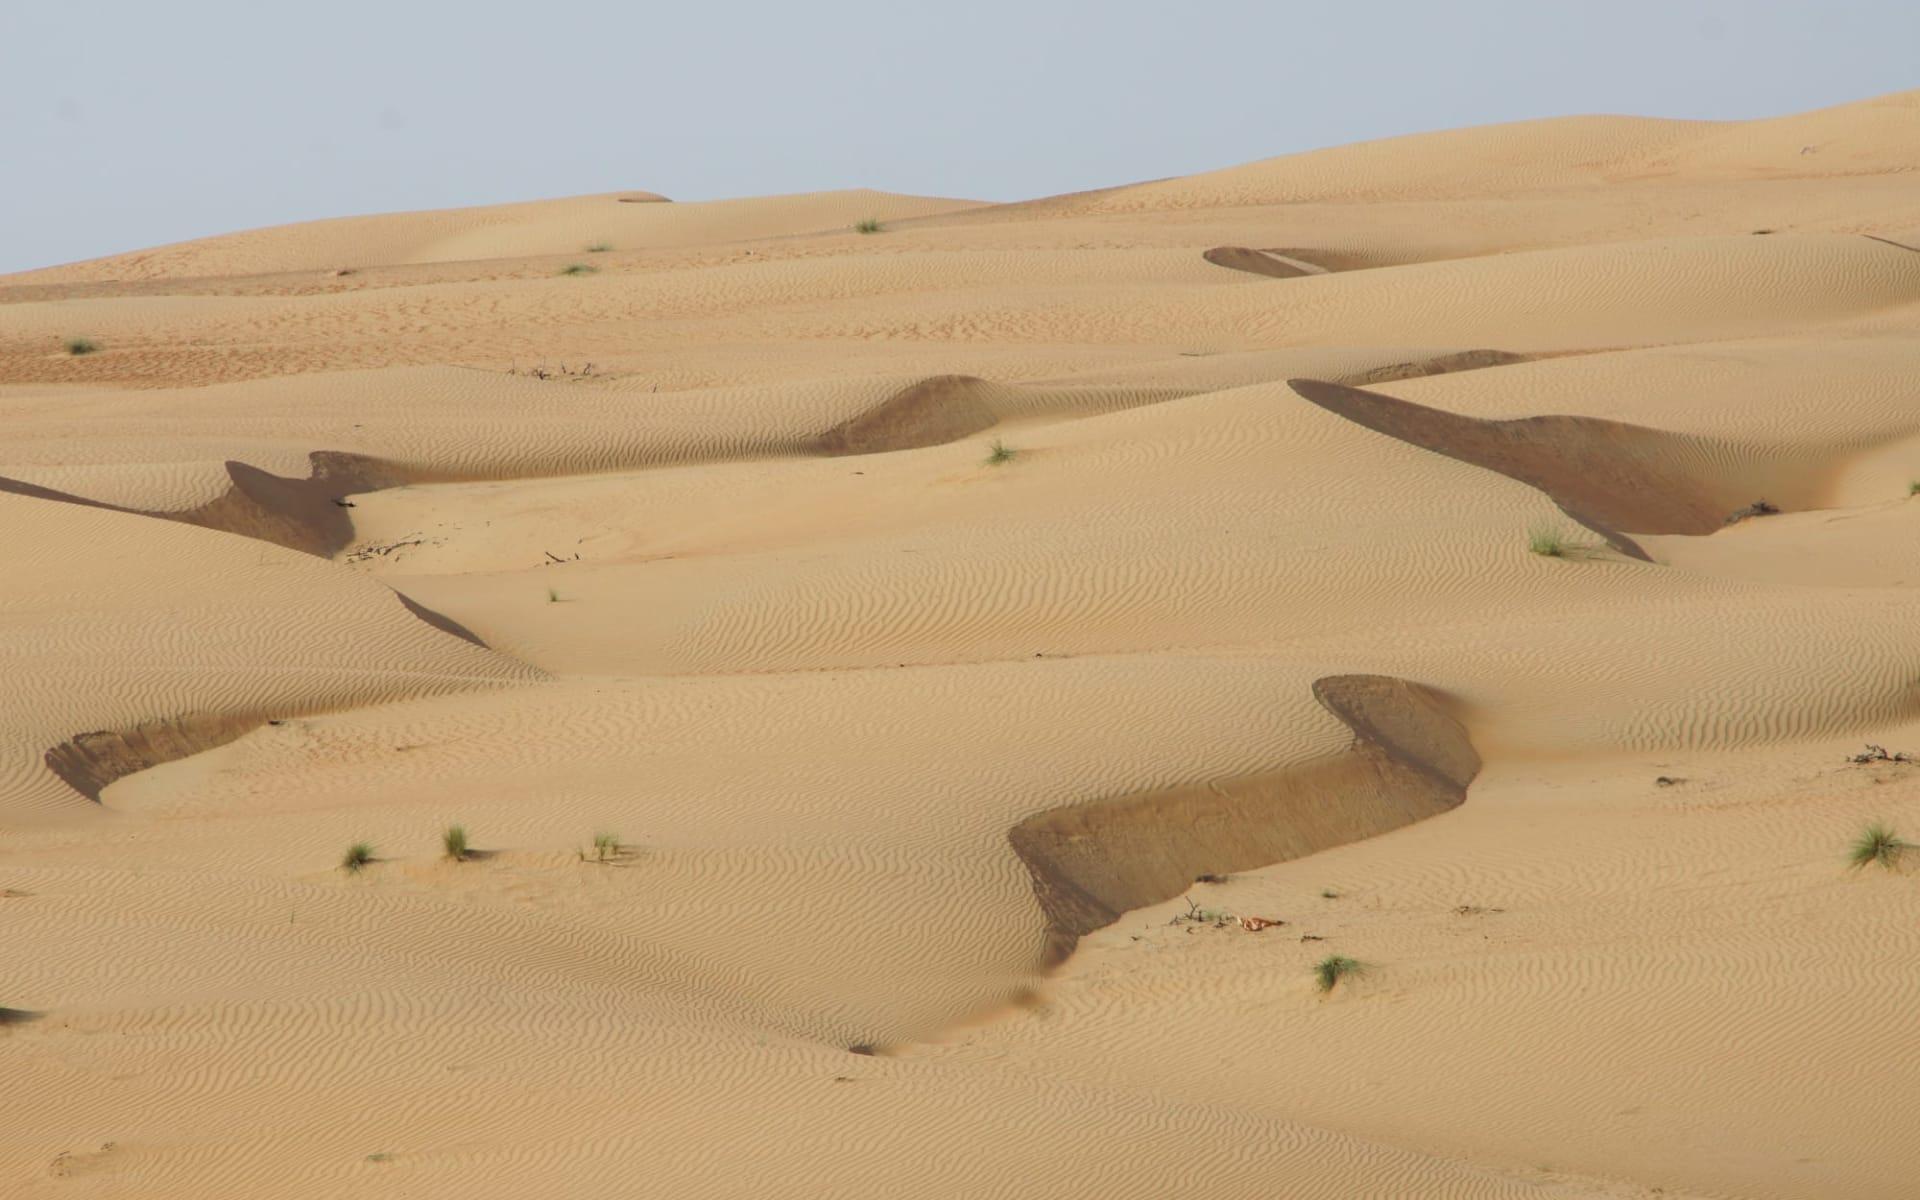 Auf den Spuren der alten Weihrauchroute ab Salalah: Wahiba Sands Oman